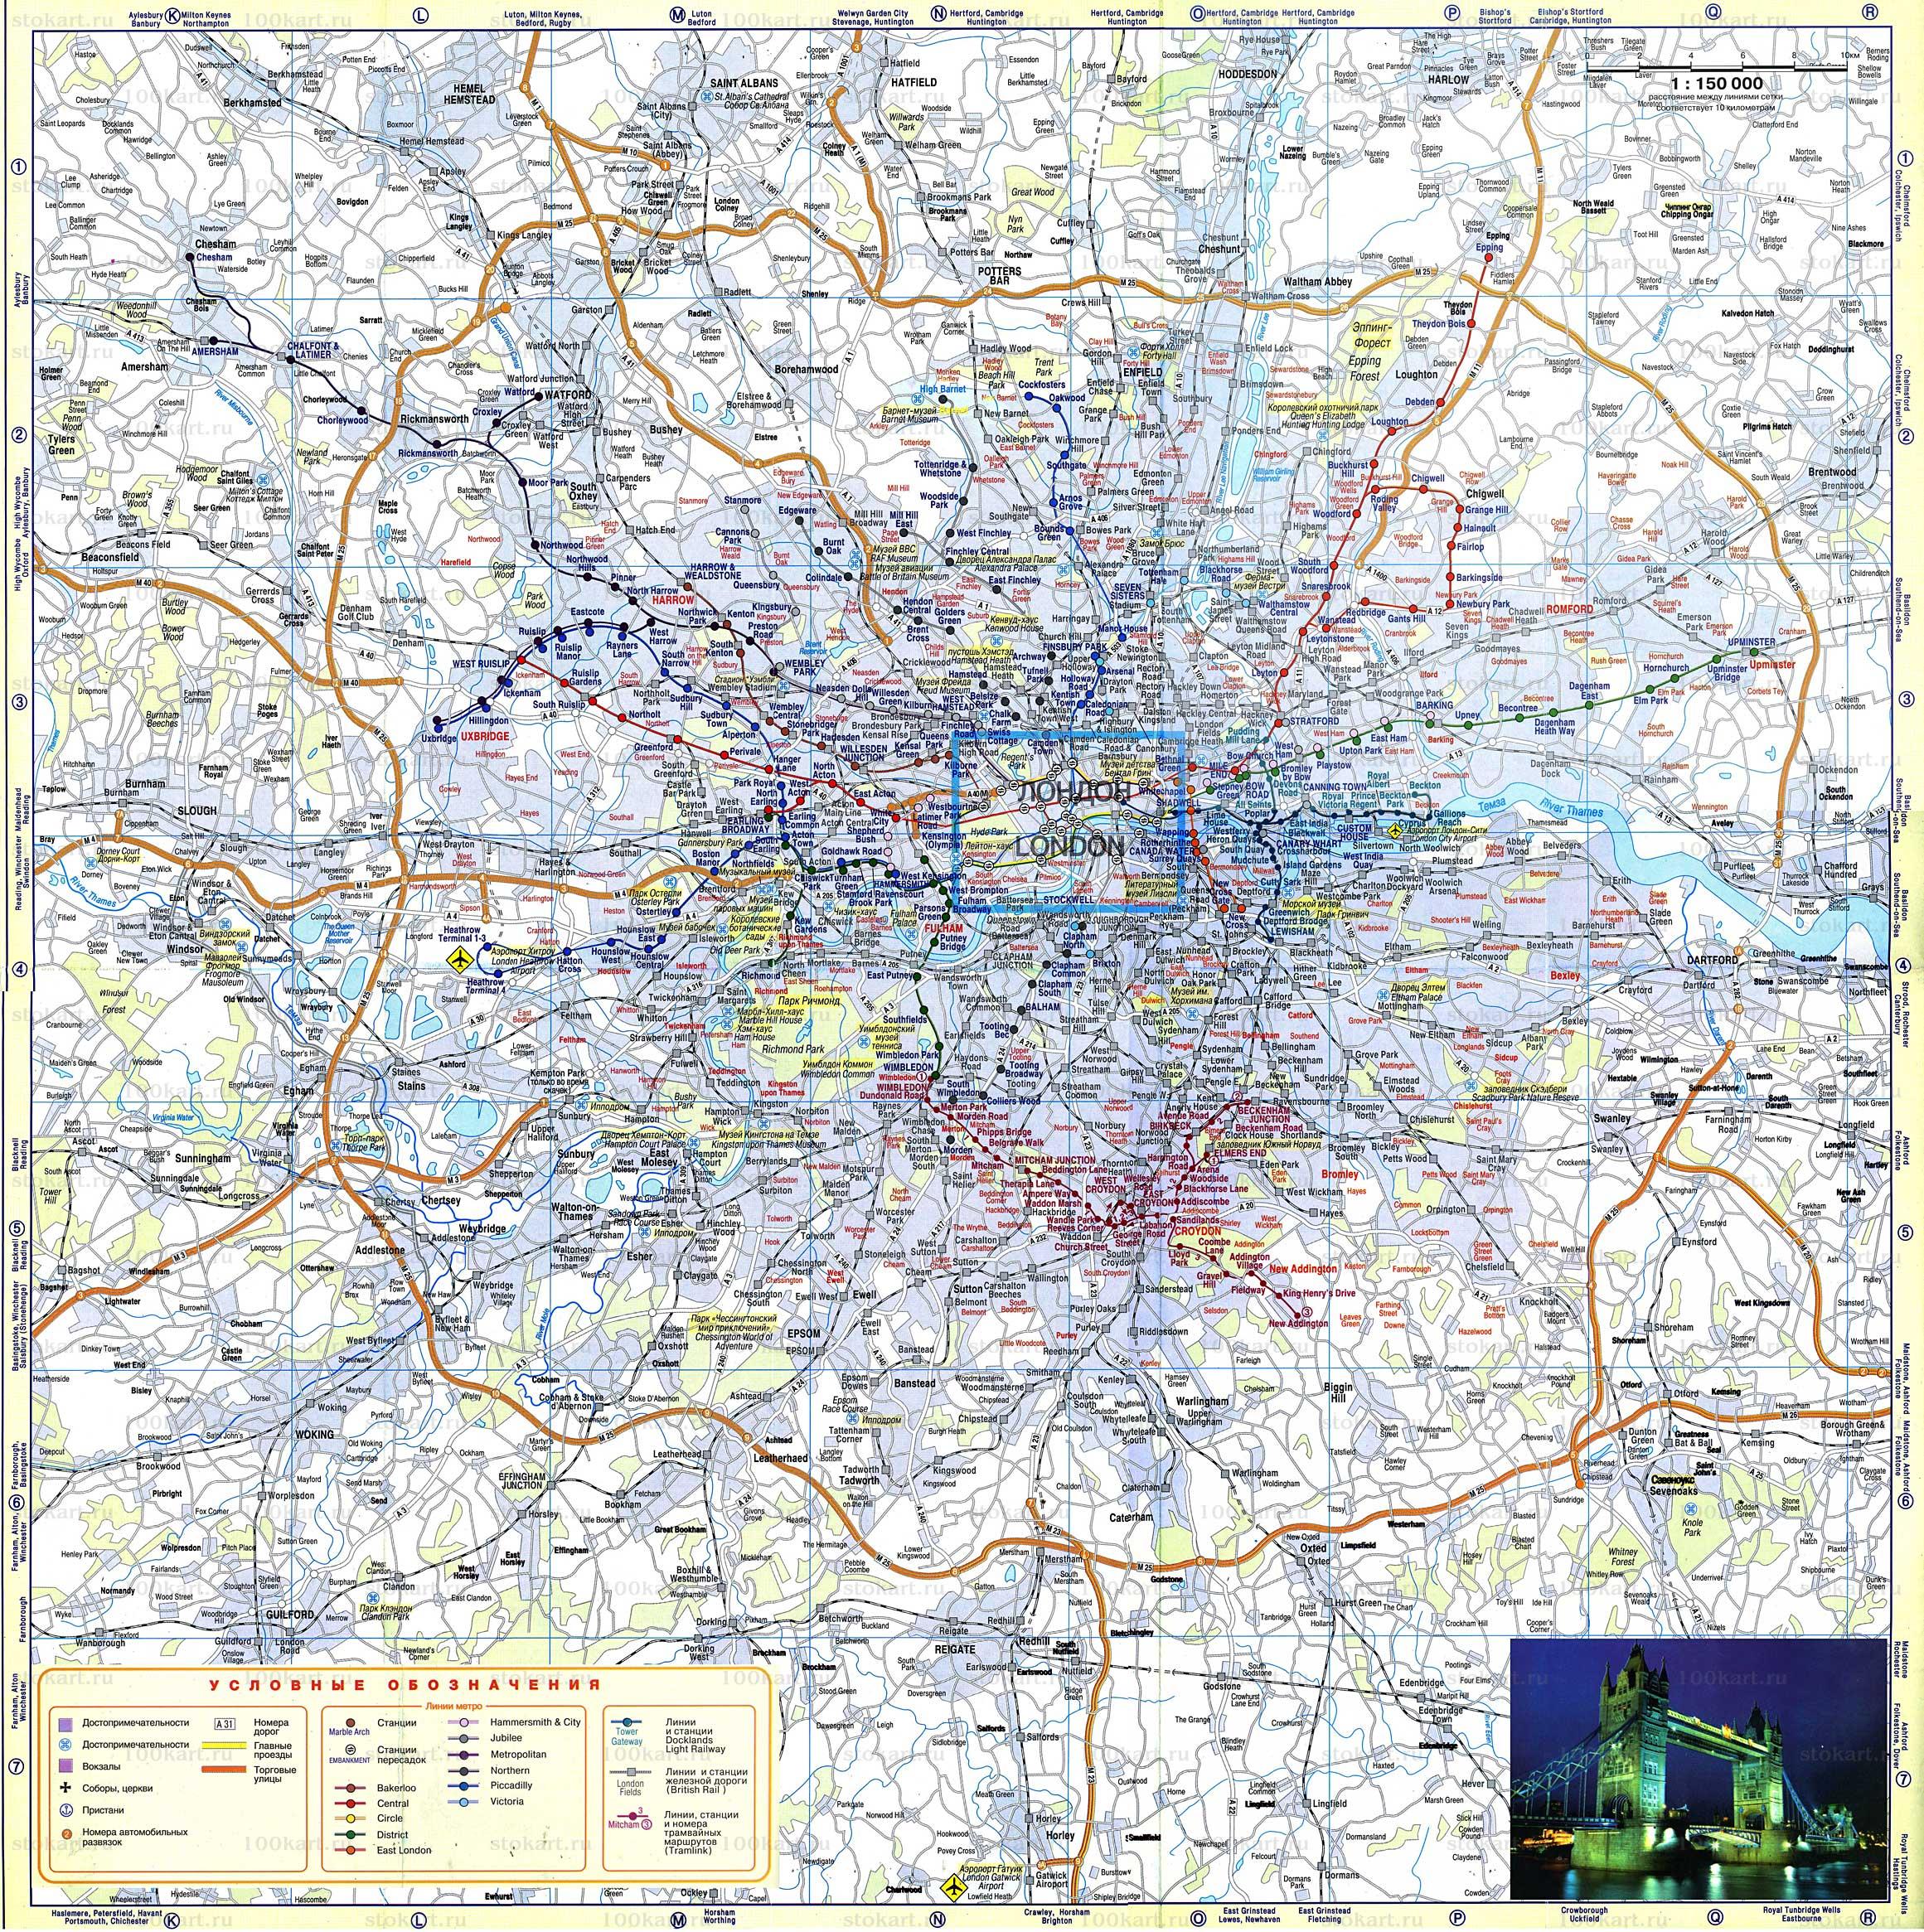 Карта Лондона на русском языке и с достопримечательностями ...: http://webmandry.com/karta-londona-na-russkom-yazyke-i-s-dostoprimechatelnostyami-karta-metro-londona-znamenitye-ulitsy-i-rajony-londona-foto-nazvaniya/